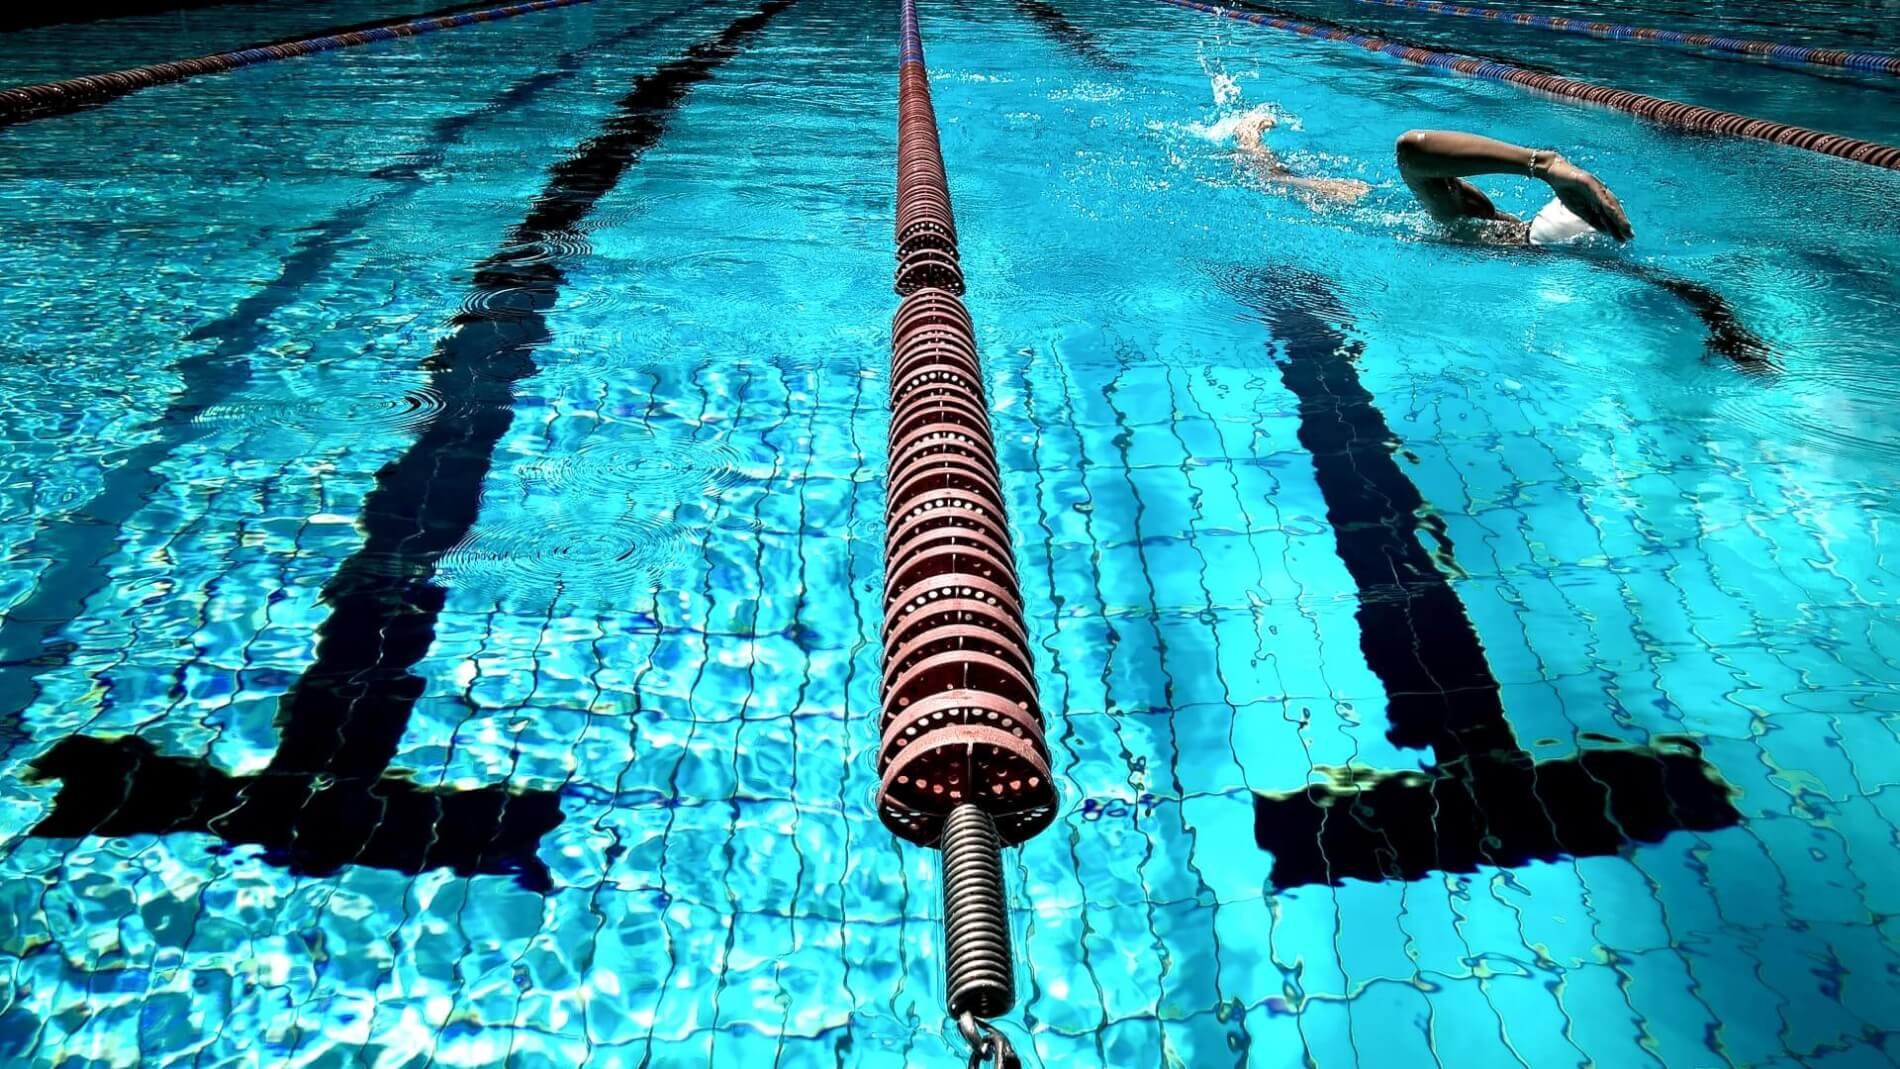 Séance natation Nantes perfectionnement technique nage